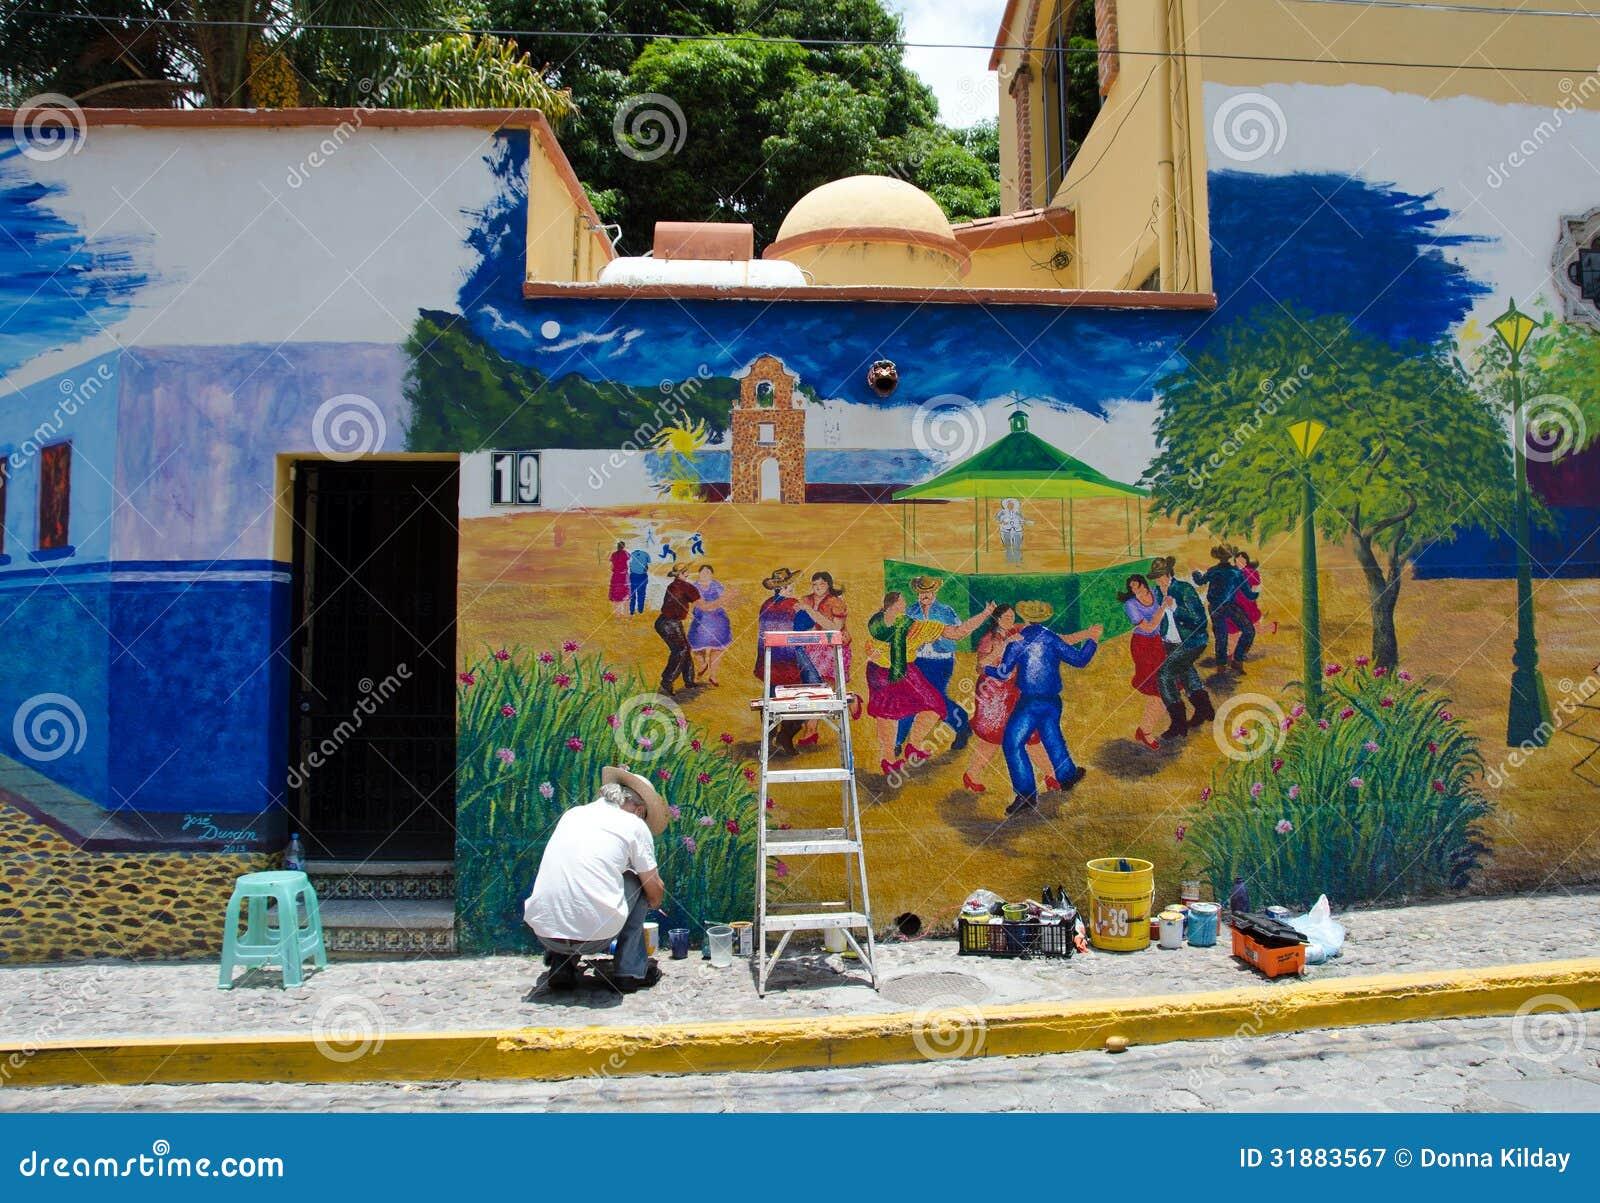 Artiste Peignant La Peinture Murale Extérieure Photographie